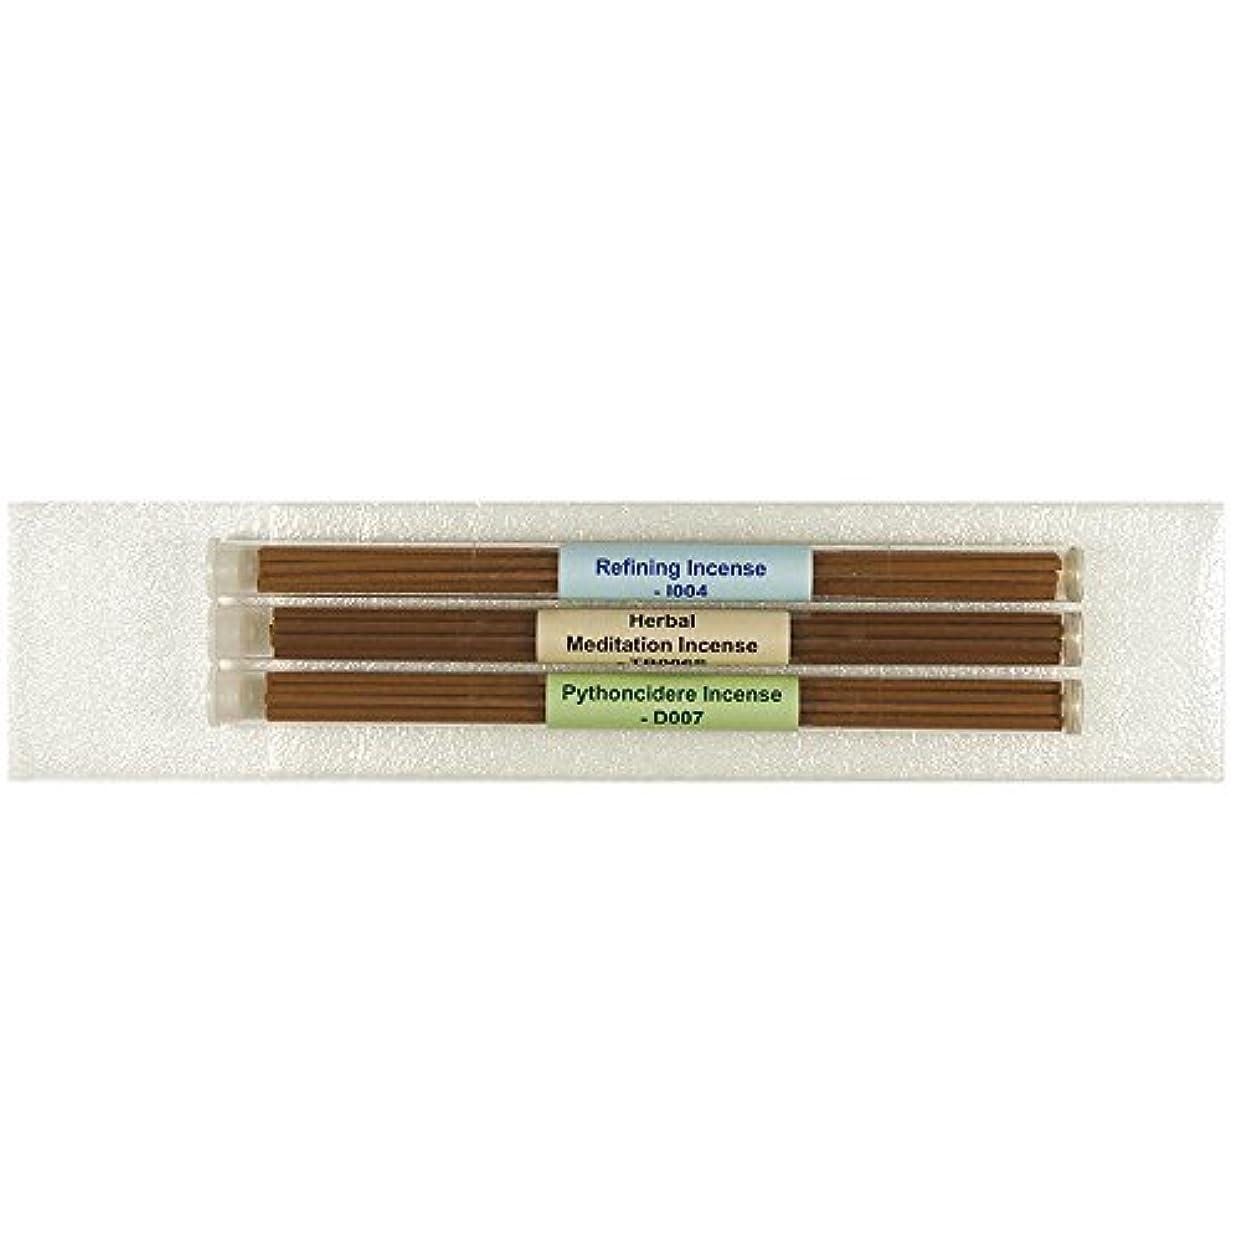 3チューブTibetan Incenseパック# 3 – [ Refining Incense +ハーブMeditation Incense ø4 mm + Pythoncidere Incense ] – 8